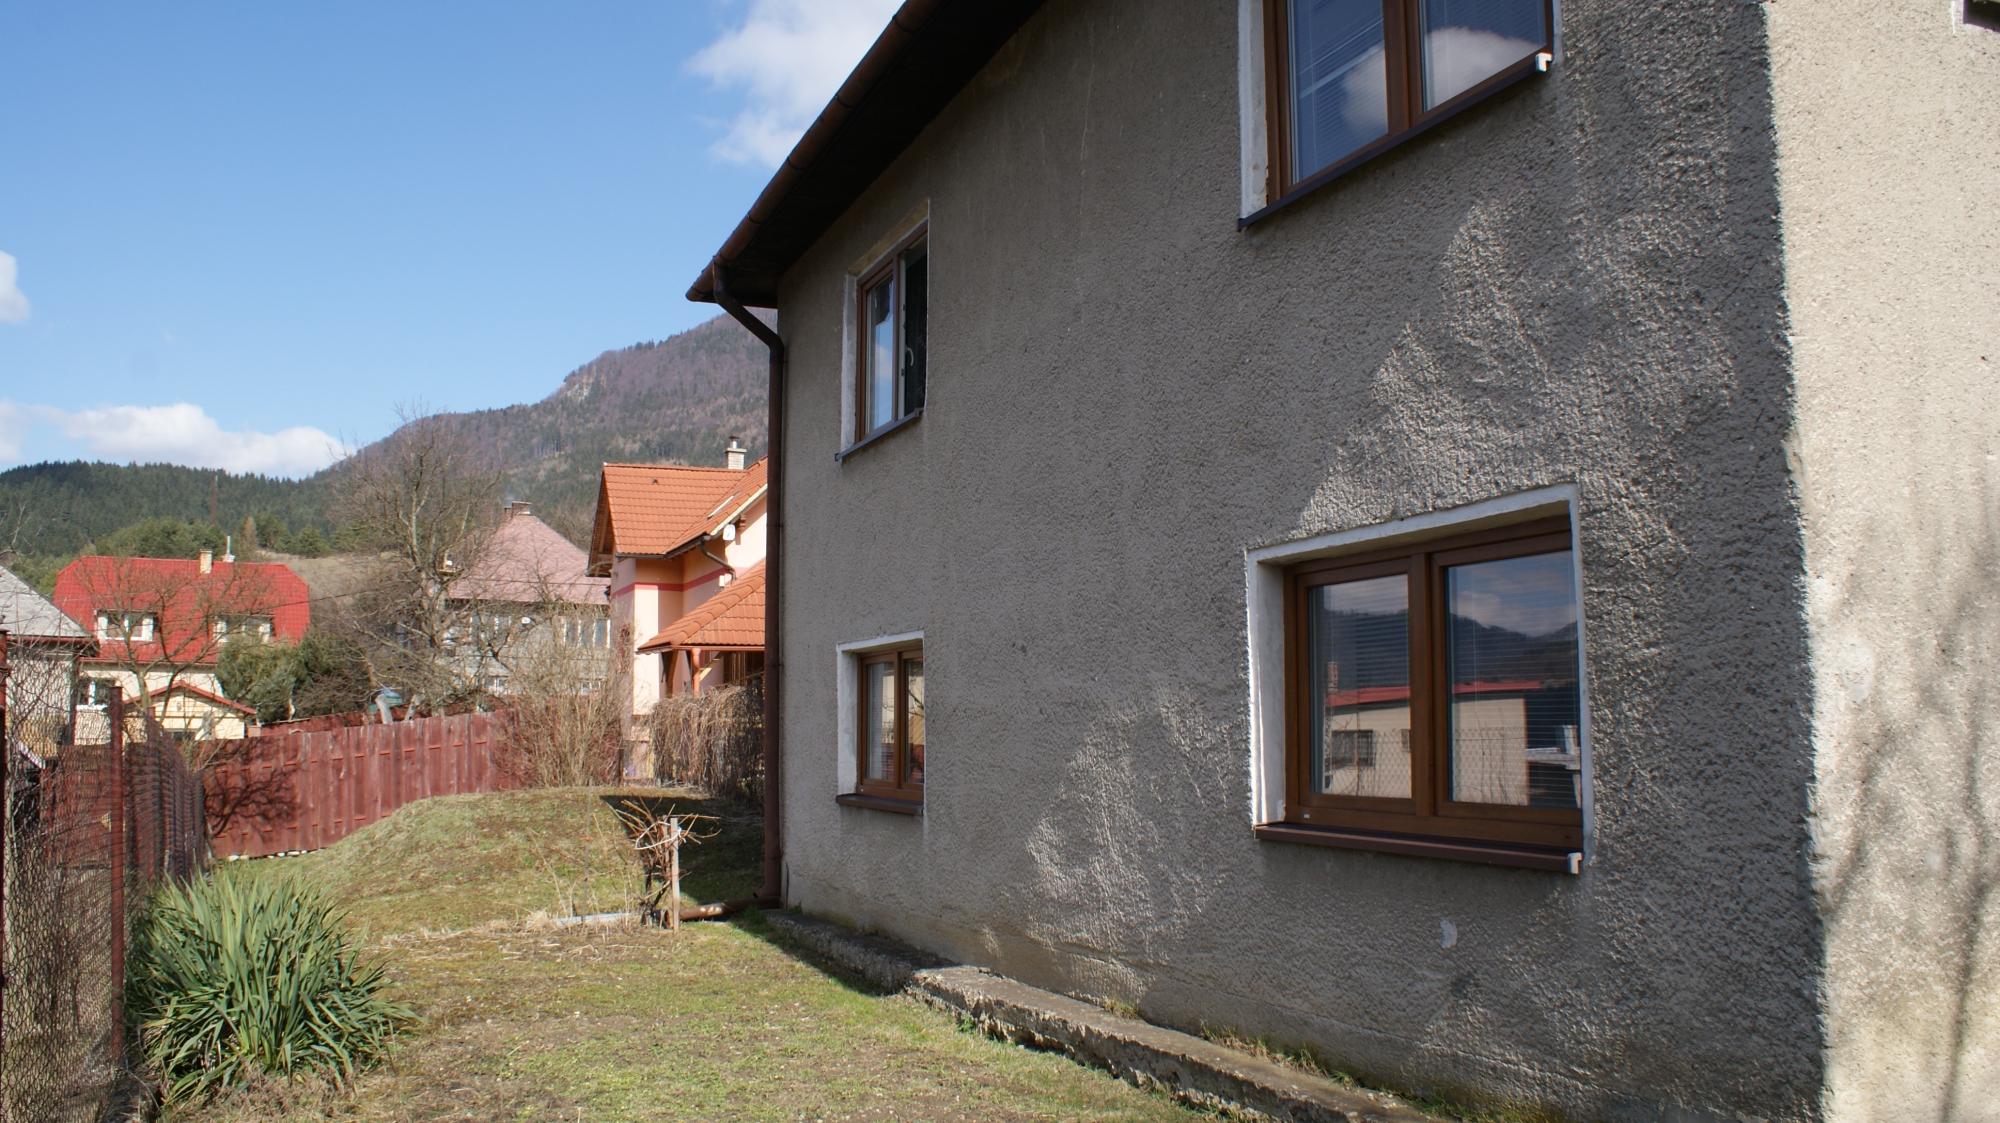 4a41d231a Rodinný dom v pokojnom prostredí, Ružomberok - Hrboltová - GARANT ...